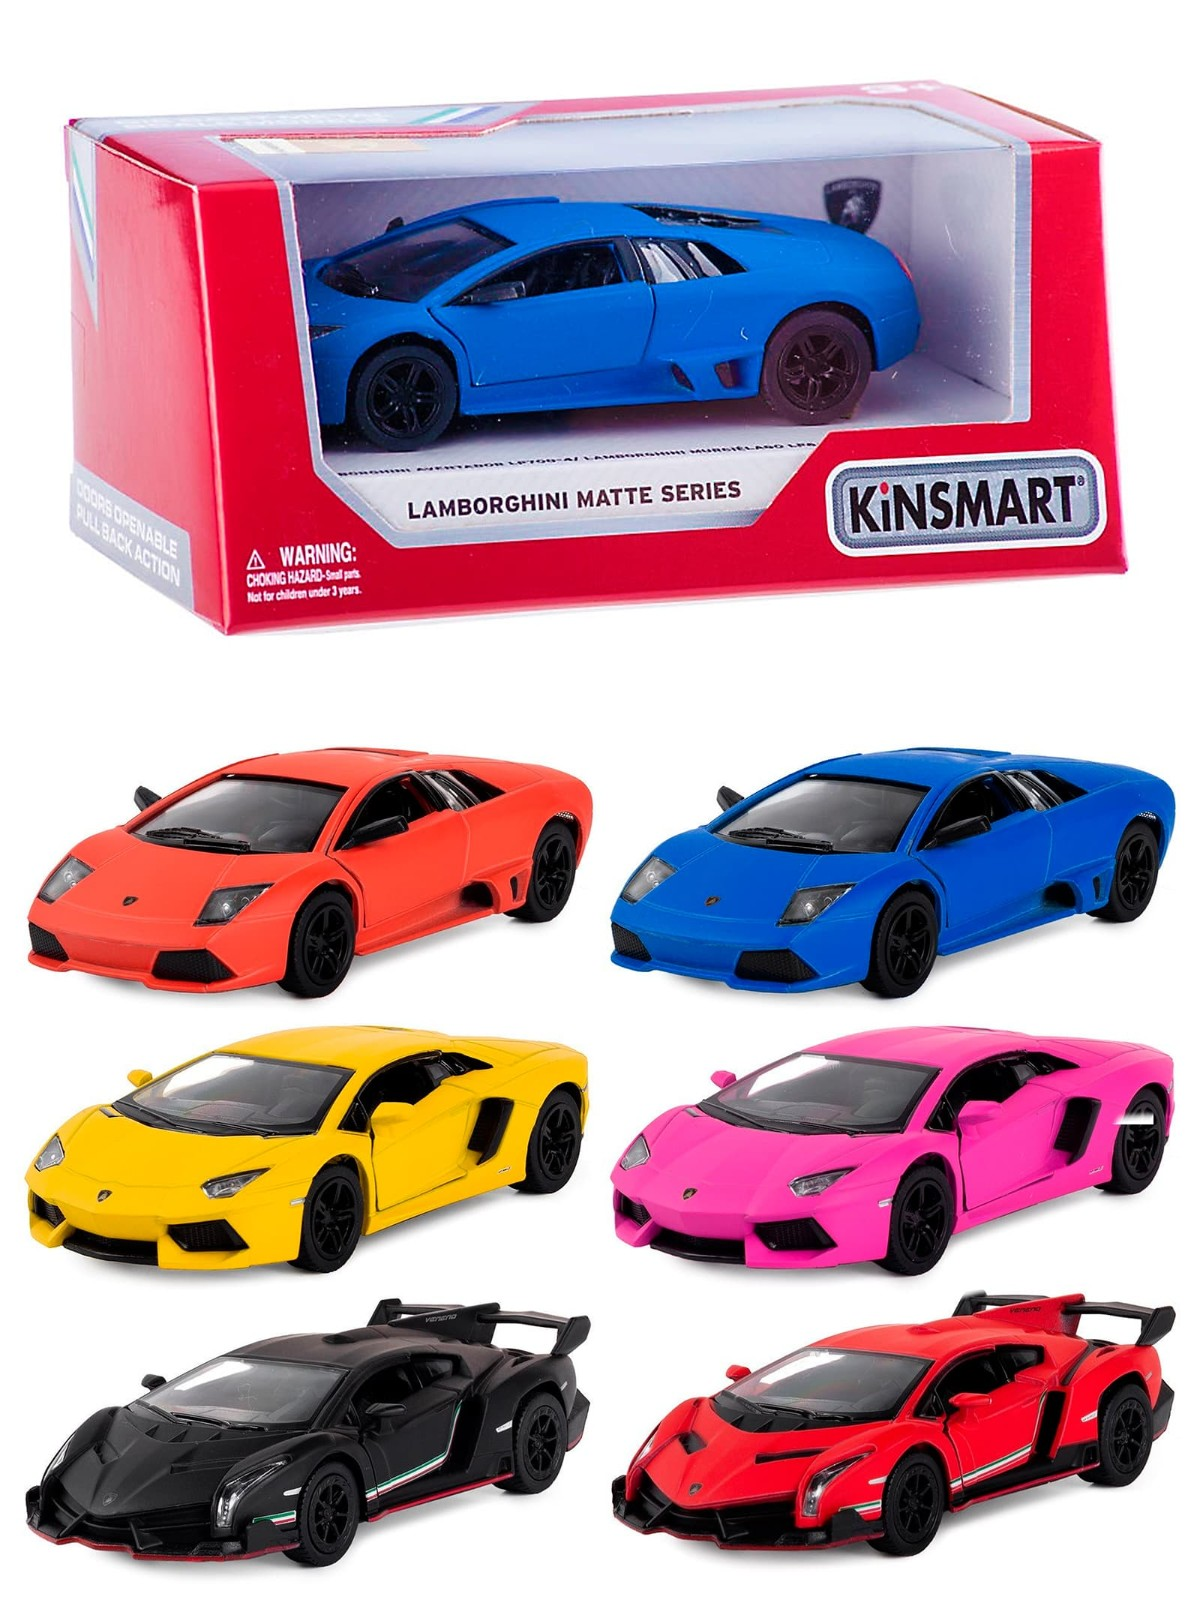 Металлическая машинка Kinsmart 1-32-36 «Matte Lamborghini»  KT5370D, инерционная в коробке / Микс